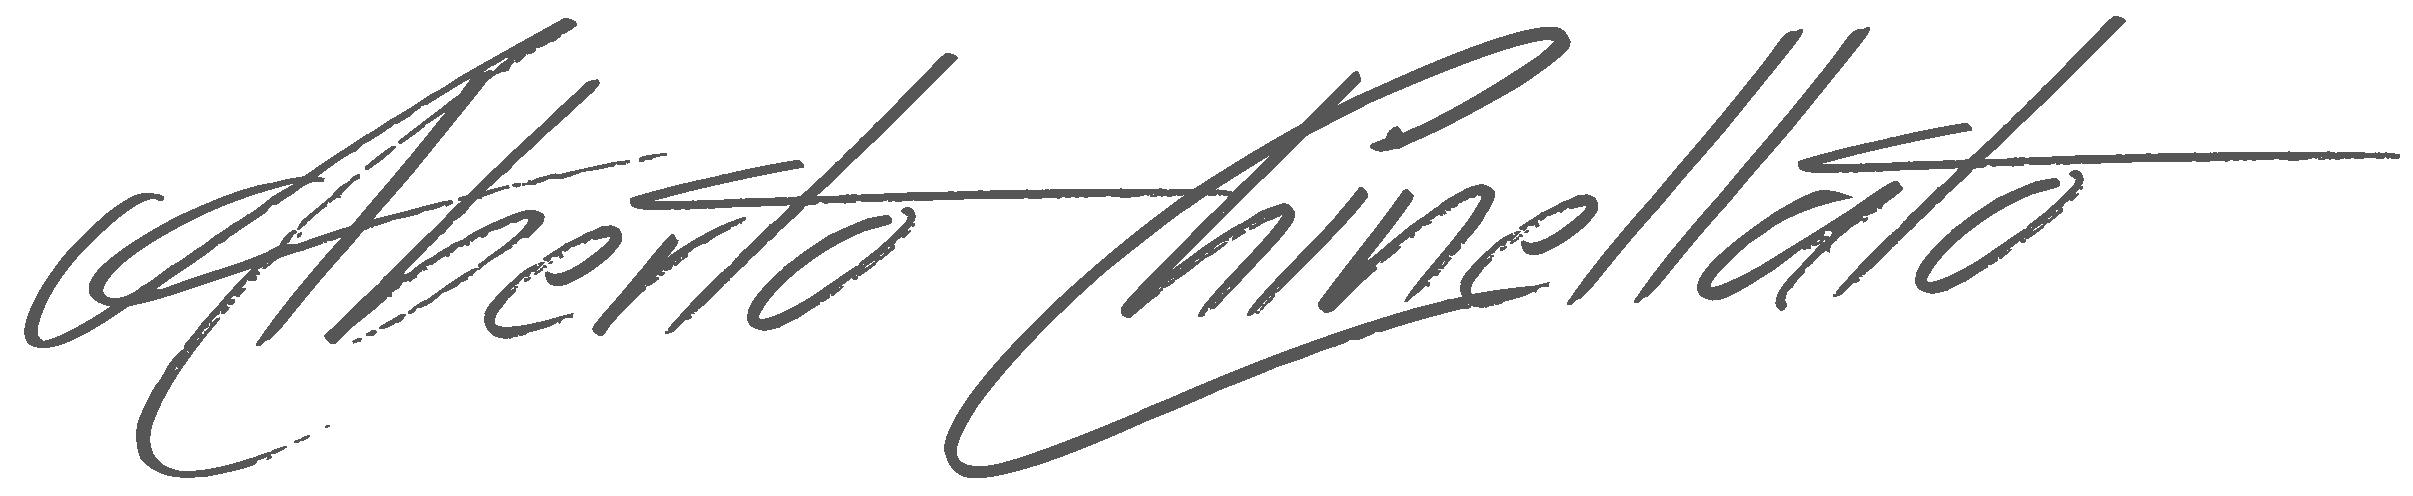 director-signature